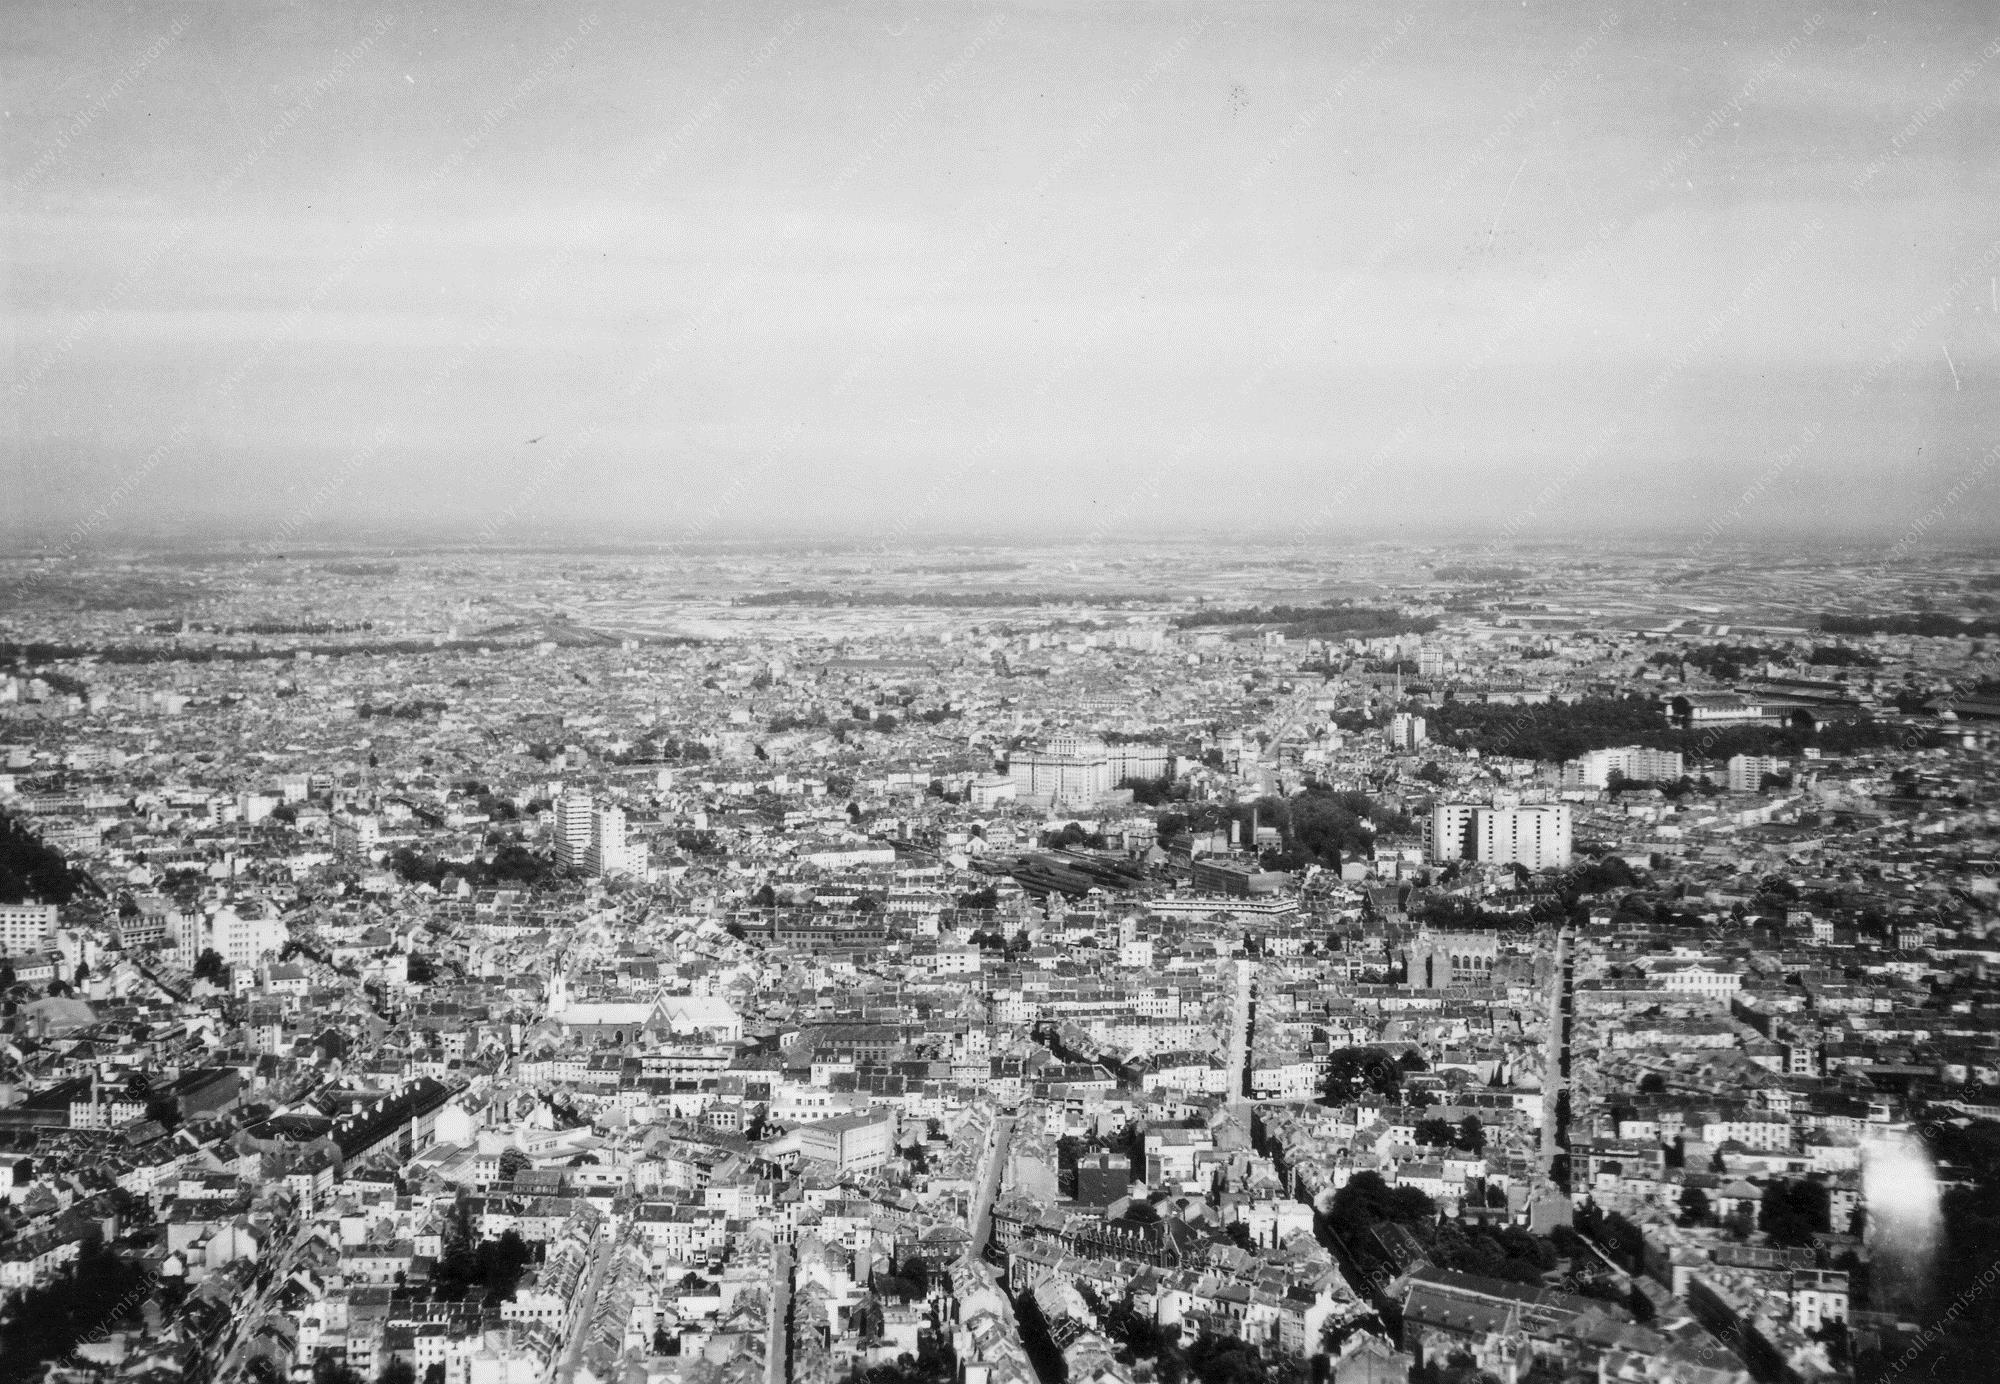 Luftbild aus dem Weltkrieg von Brüssel (Belgien)